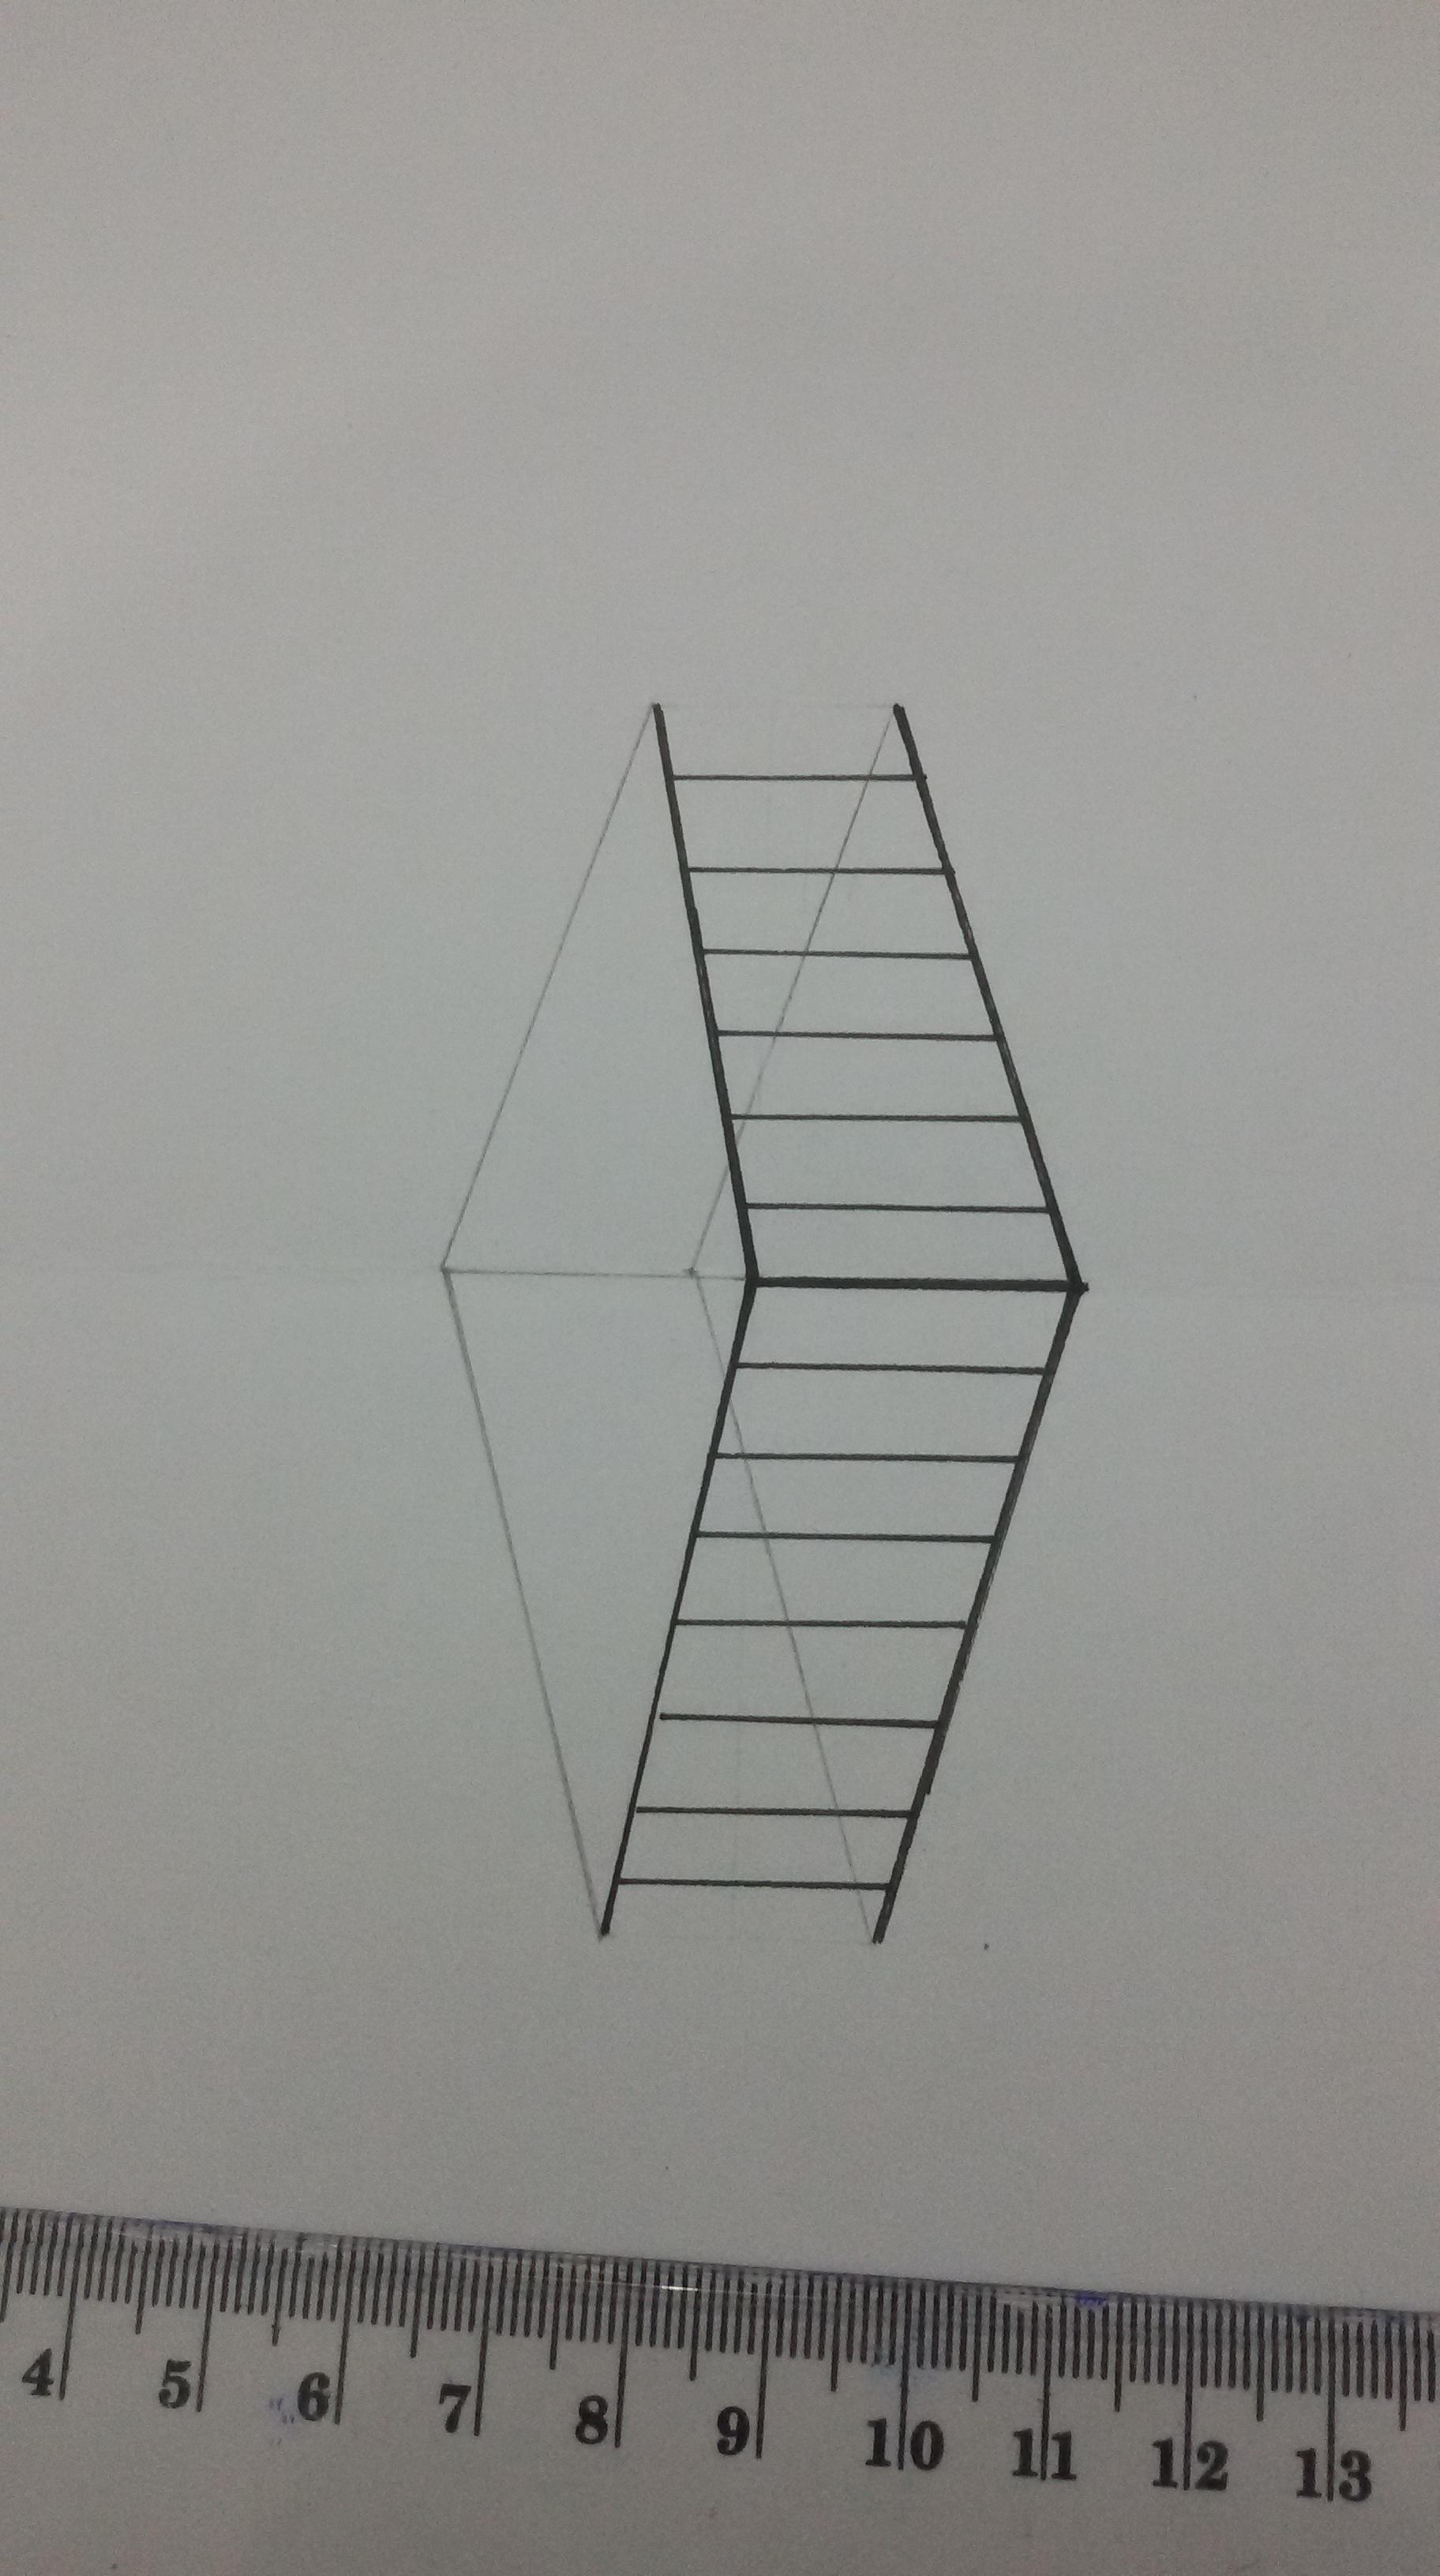 Gambar 2 Dimensi Yang Mudah : gambar, dimensi, mudah, Contoh, Gambar, Dimensi, Mudah, Digambar, Lengkap, Kumpulan, Wallpaper